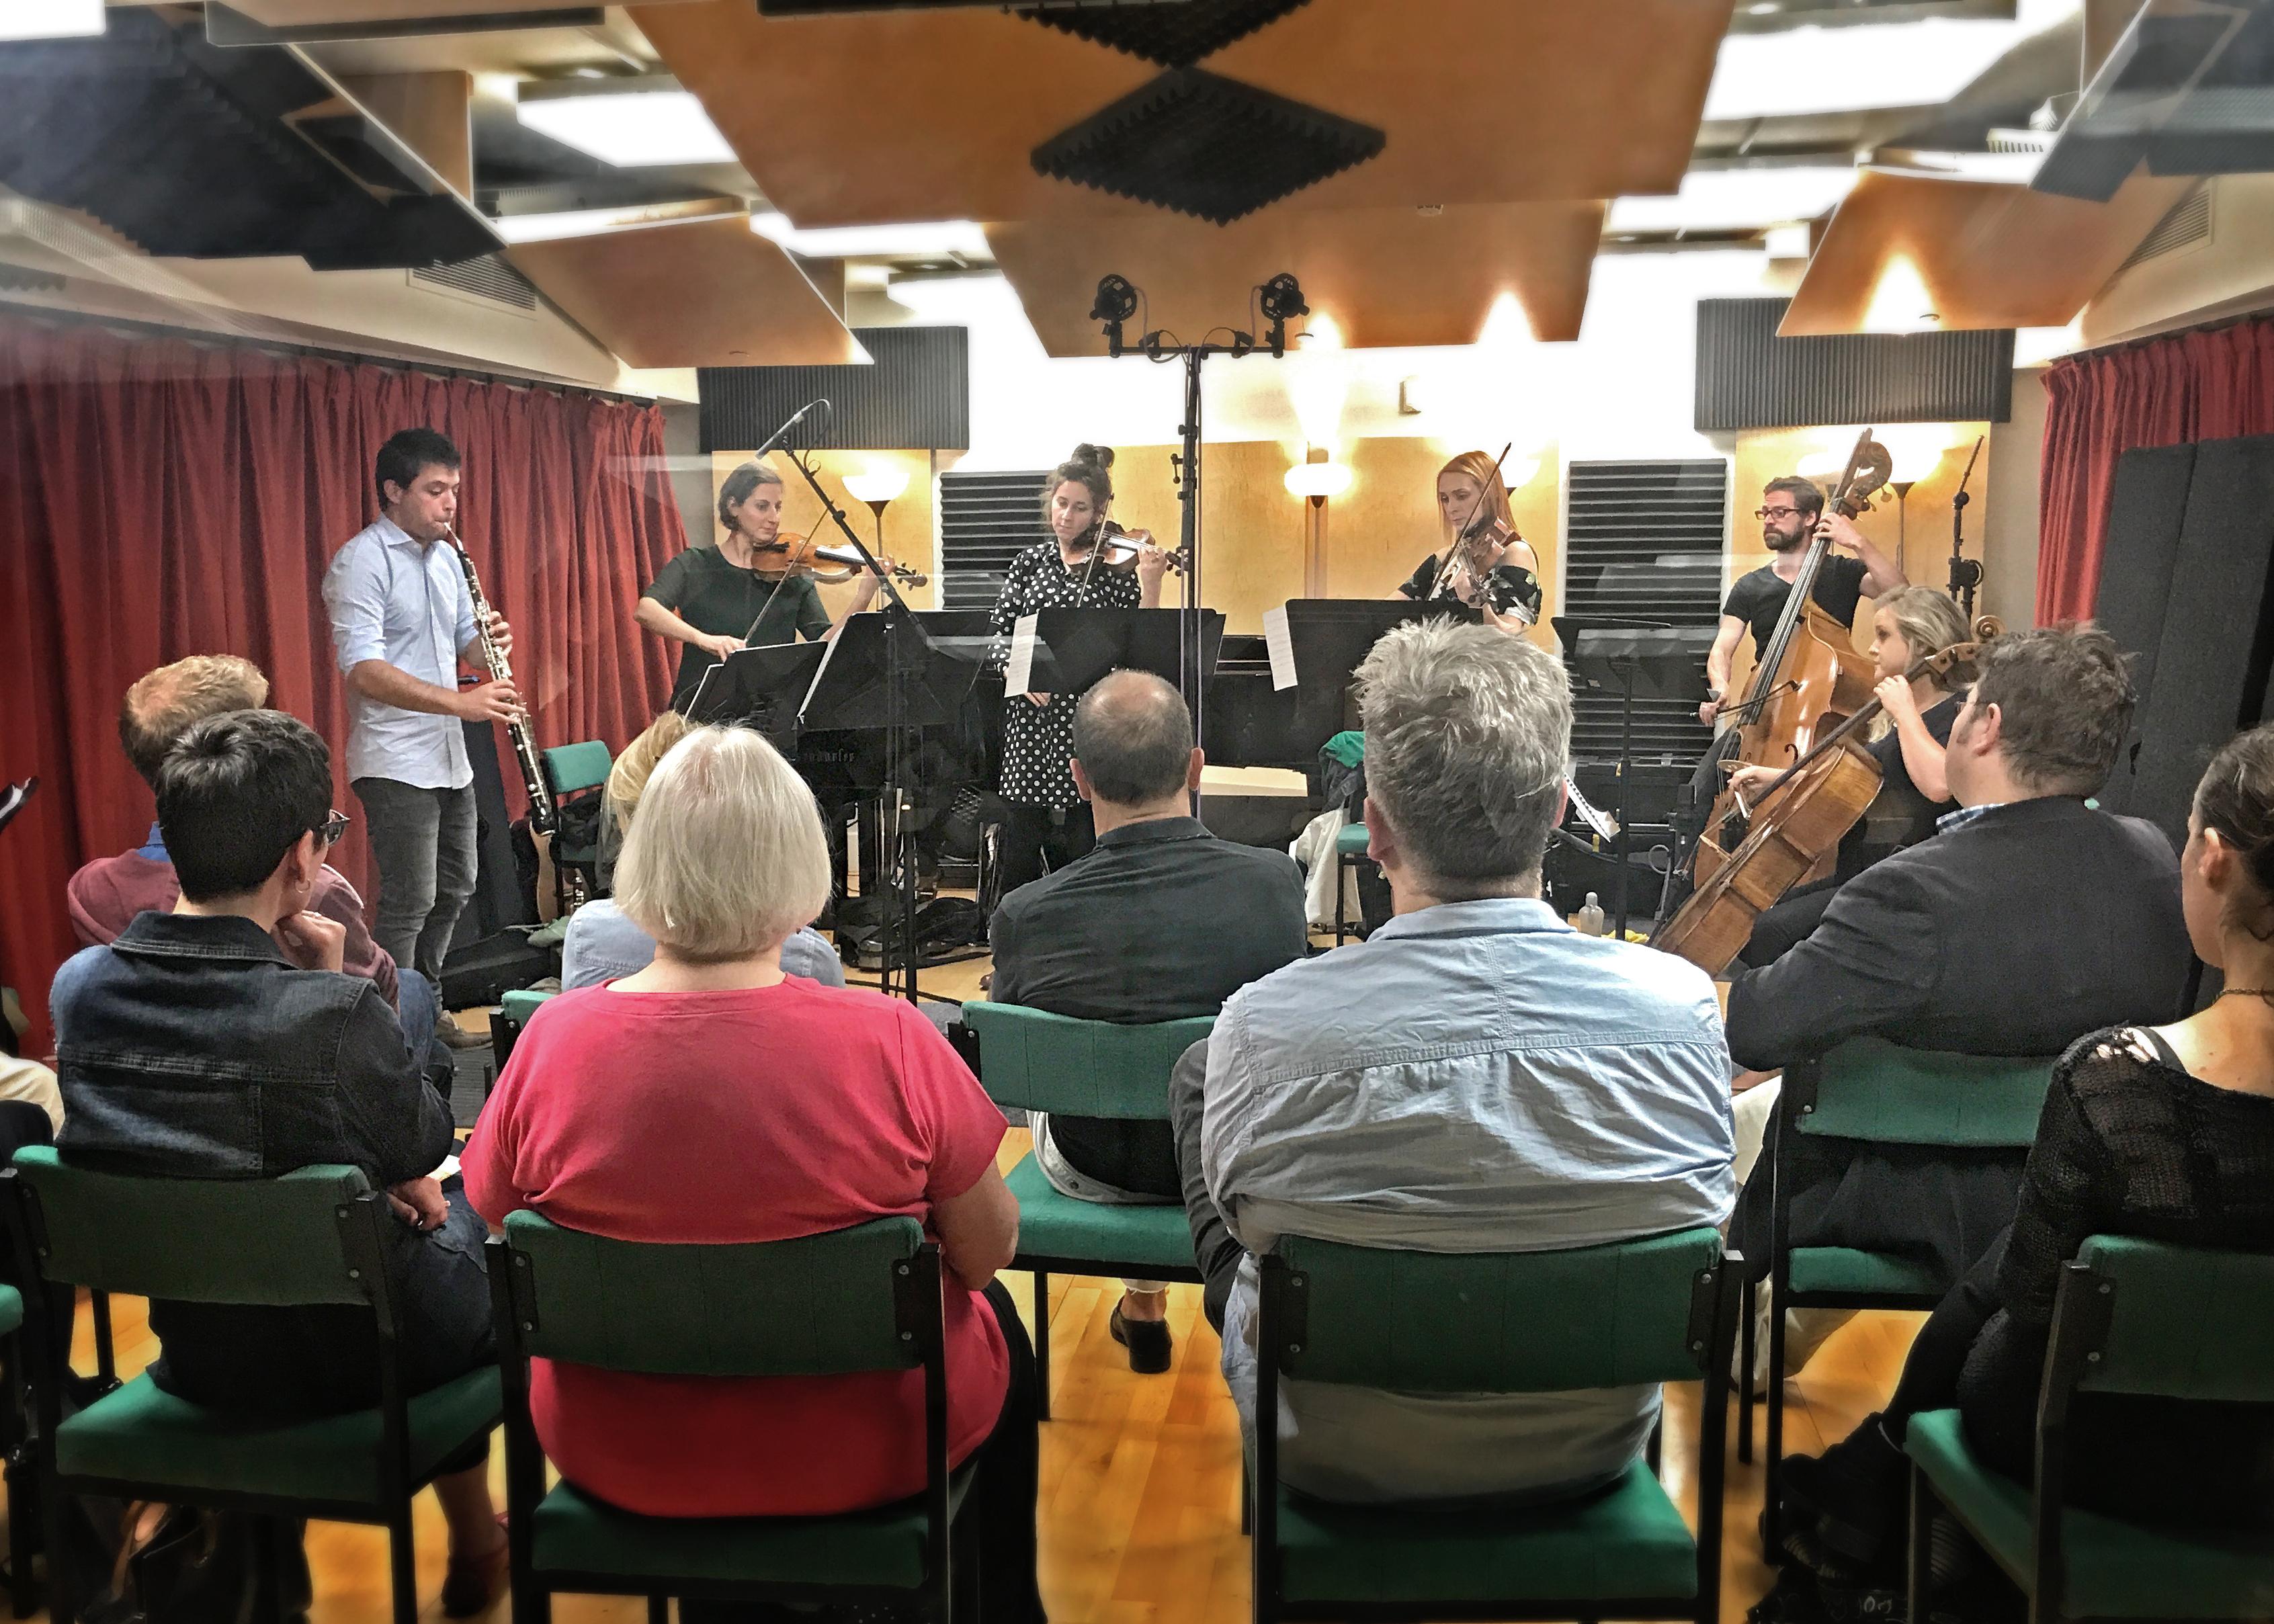 Concert in studio